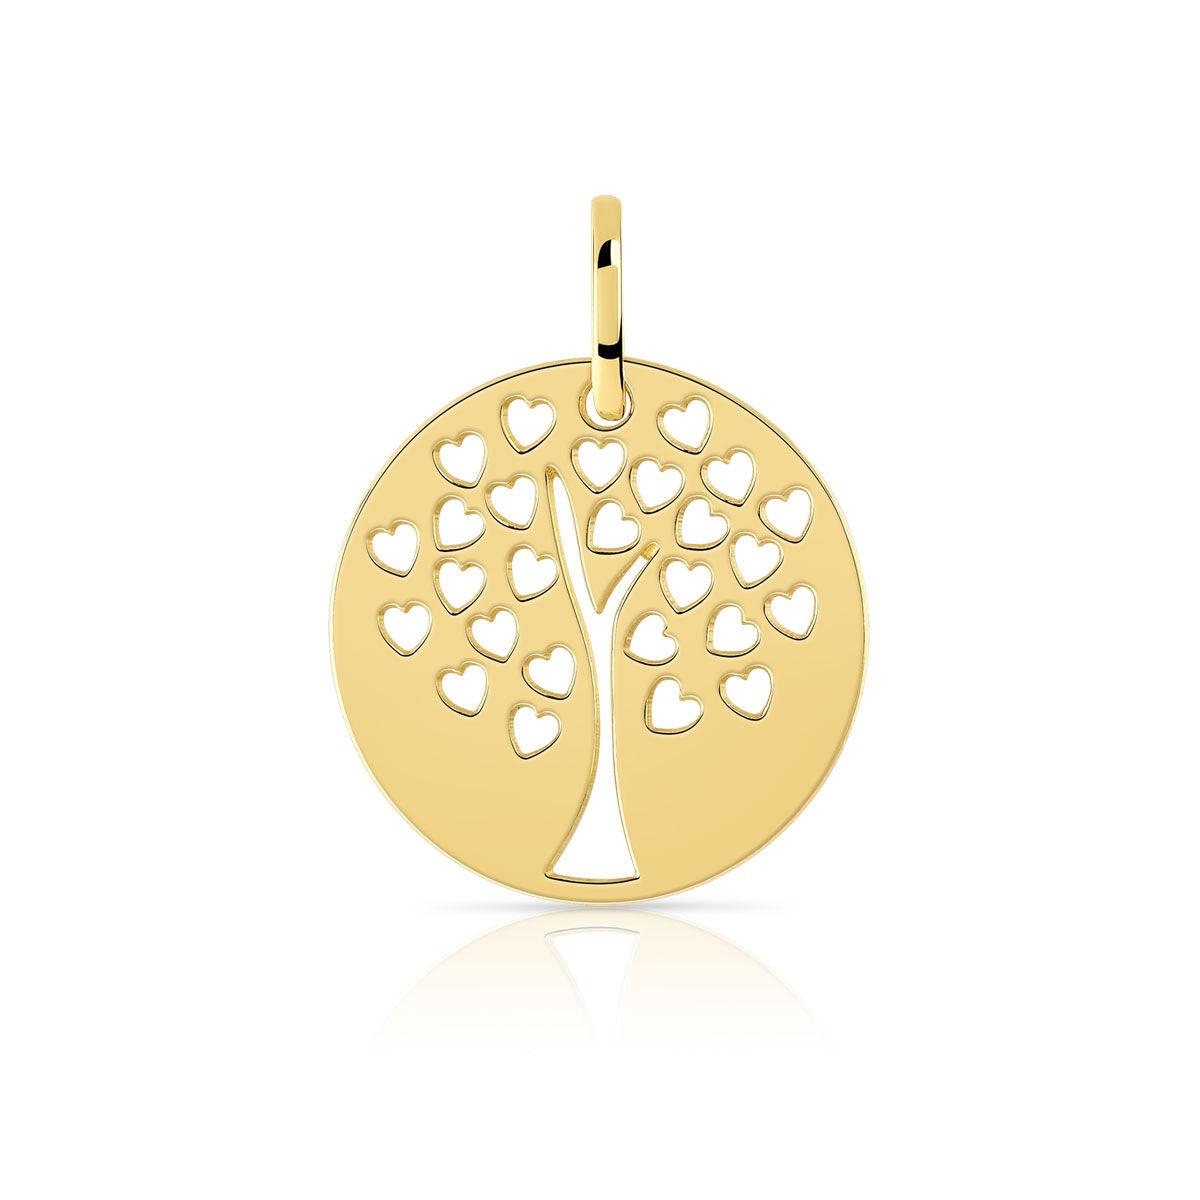 MATY Pendentif or 375 jaune arbre de vie -